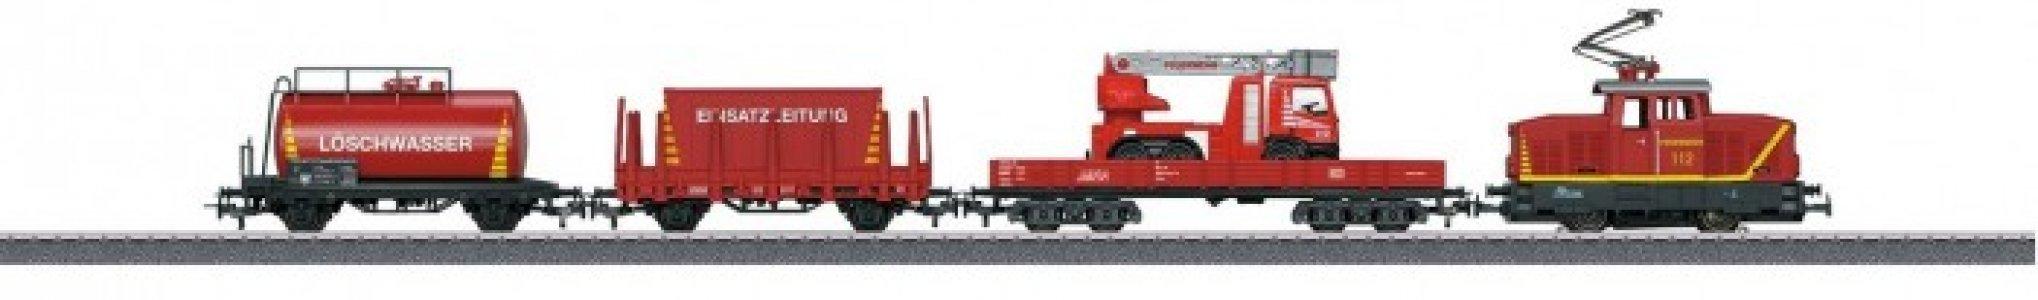 Стартовый набор железной дороги Поезд пожарной службы Marklin